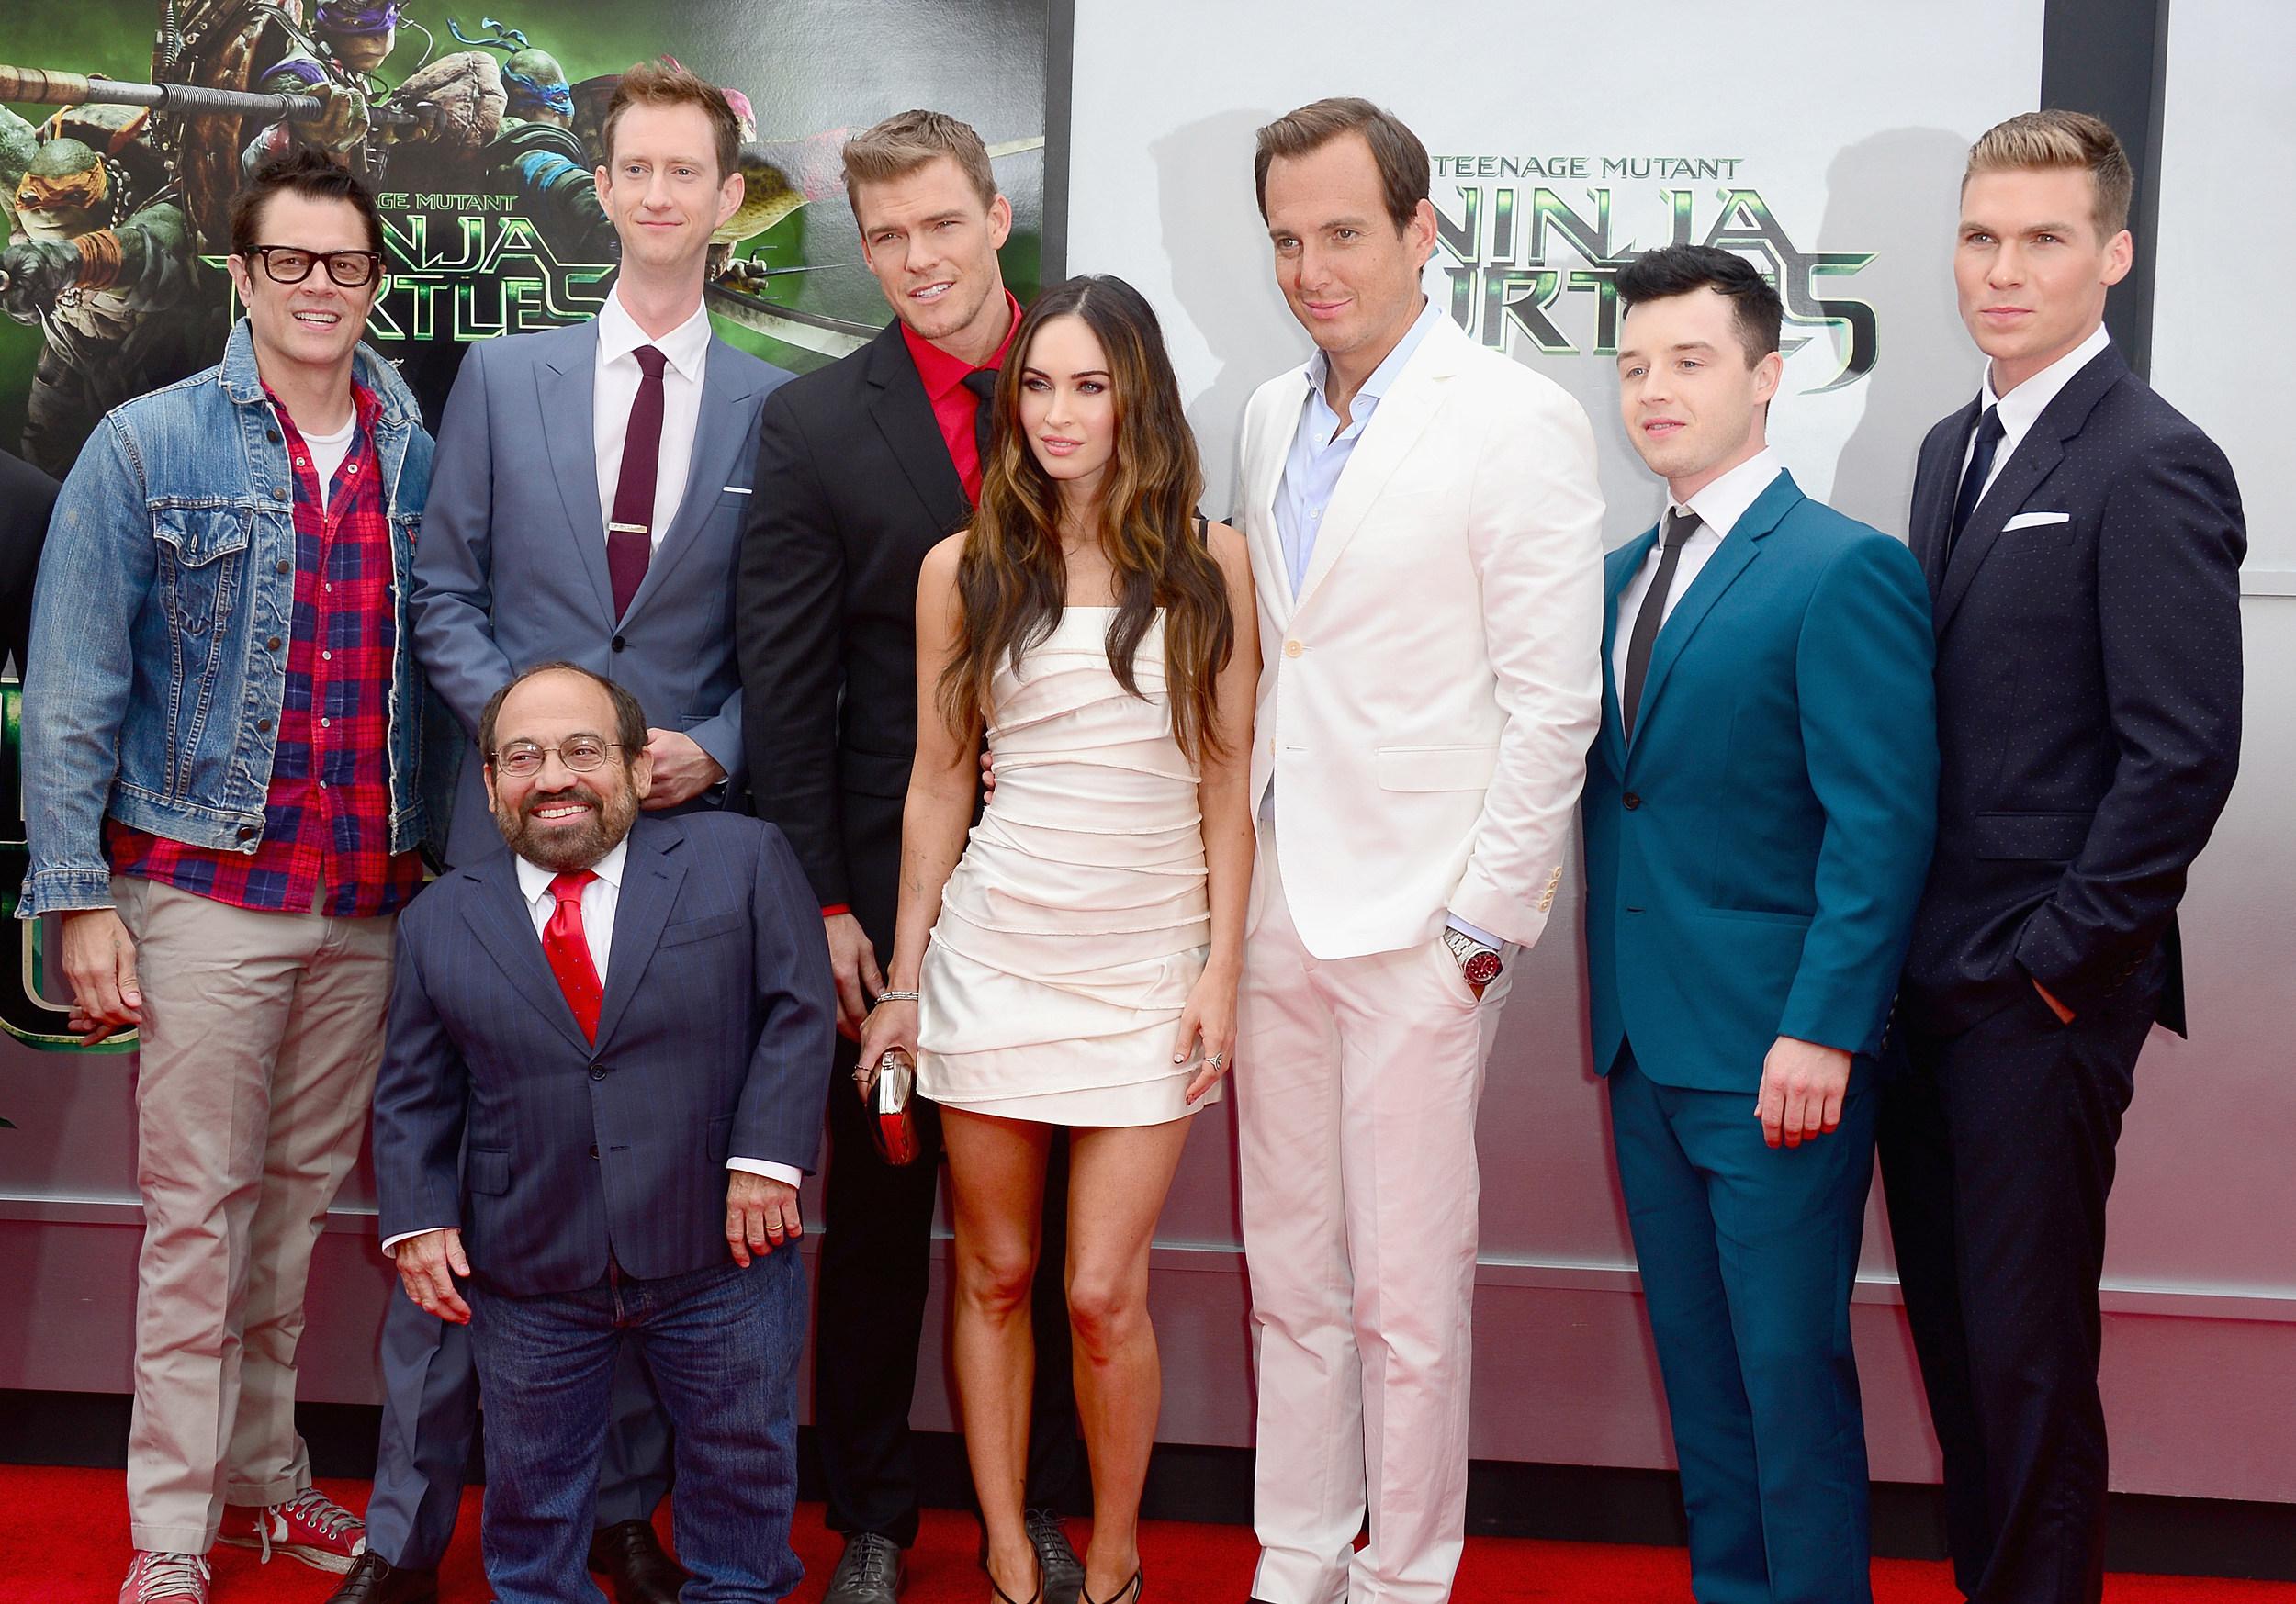 Stryker S Movie Reviews Teenage Mutant Ninja Turtles 2014